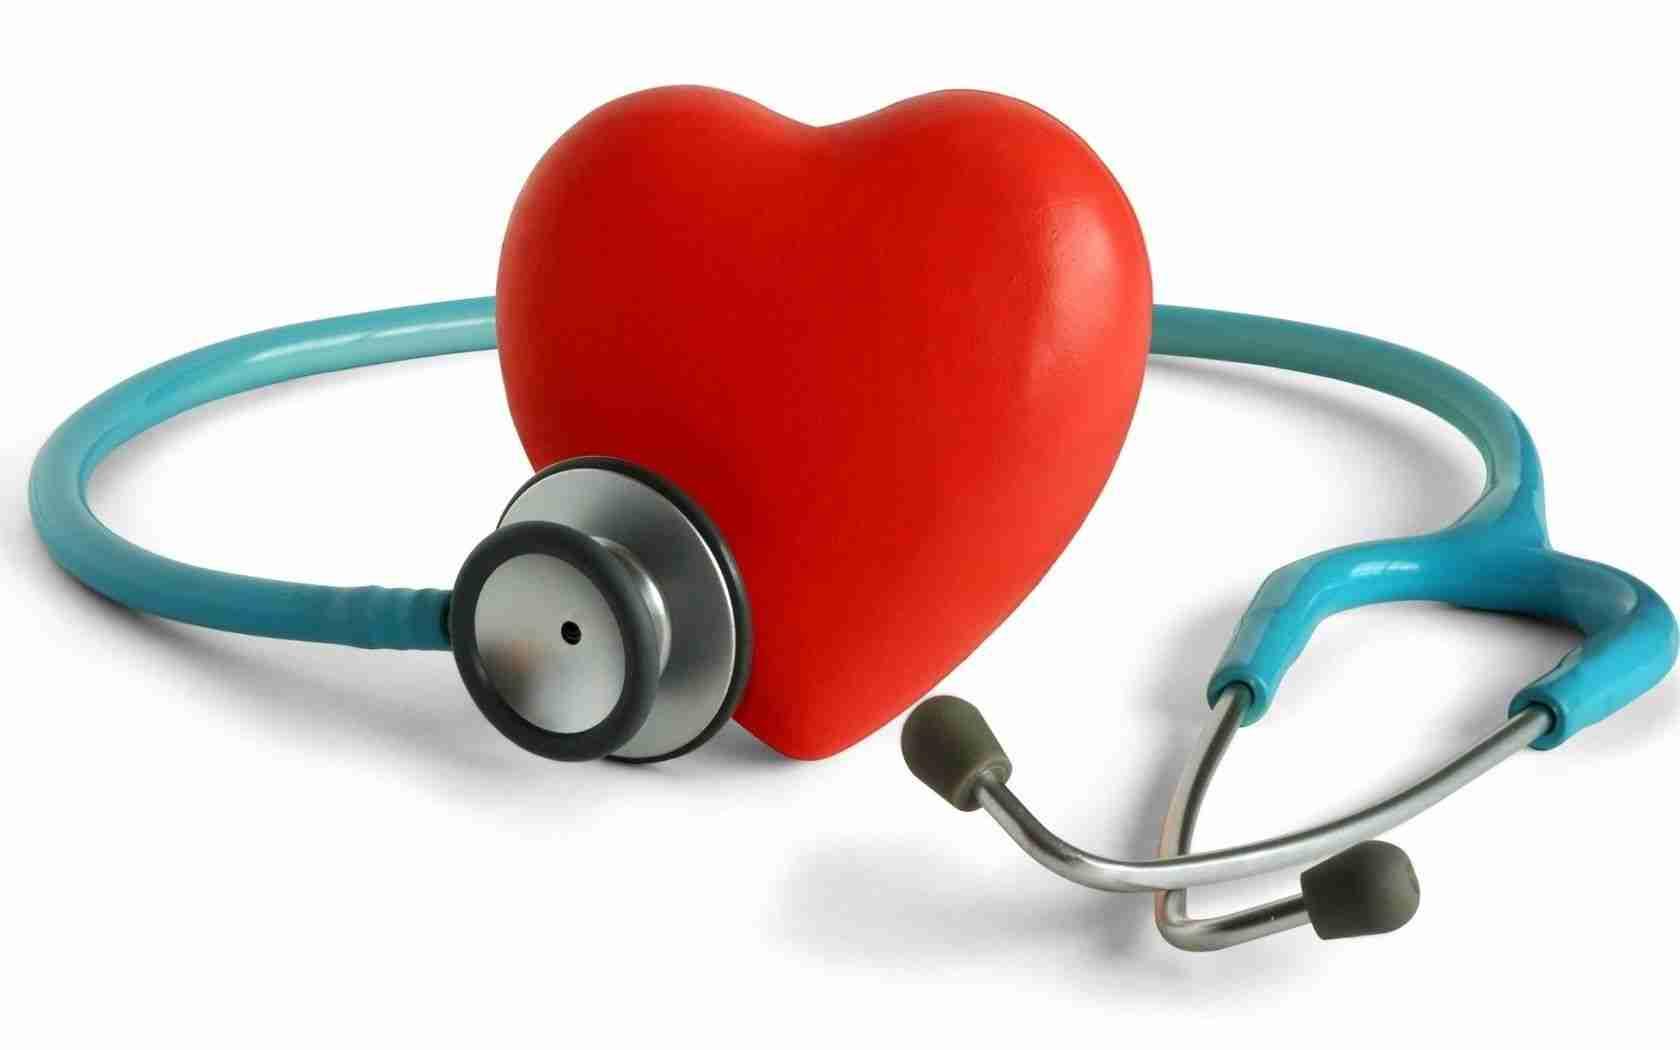 sve bolesti hipertenzije izliječiti hipertenzije tijekom 3 tjedna